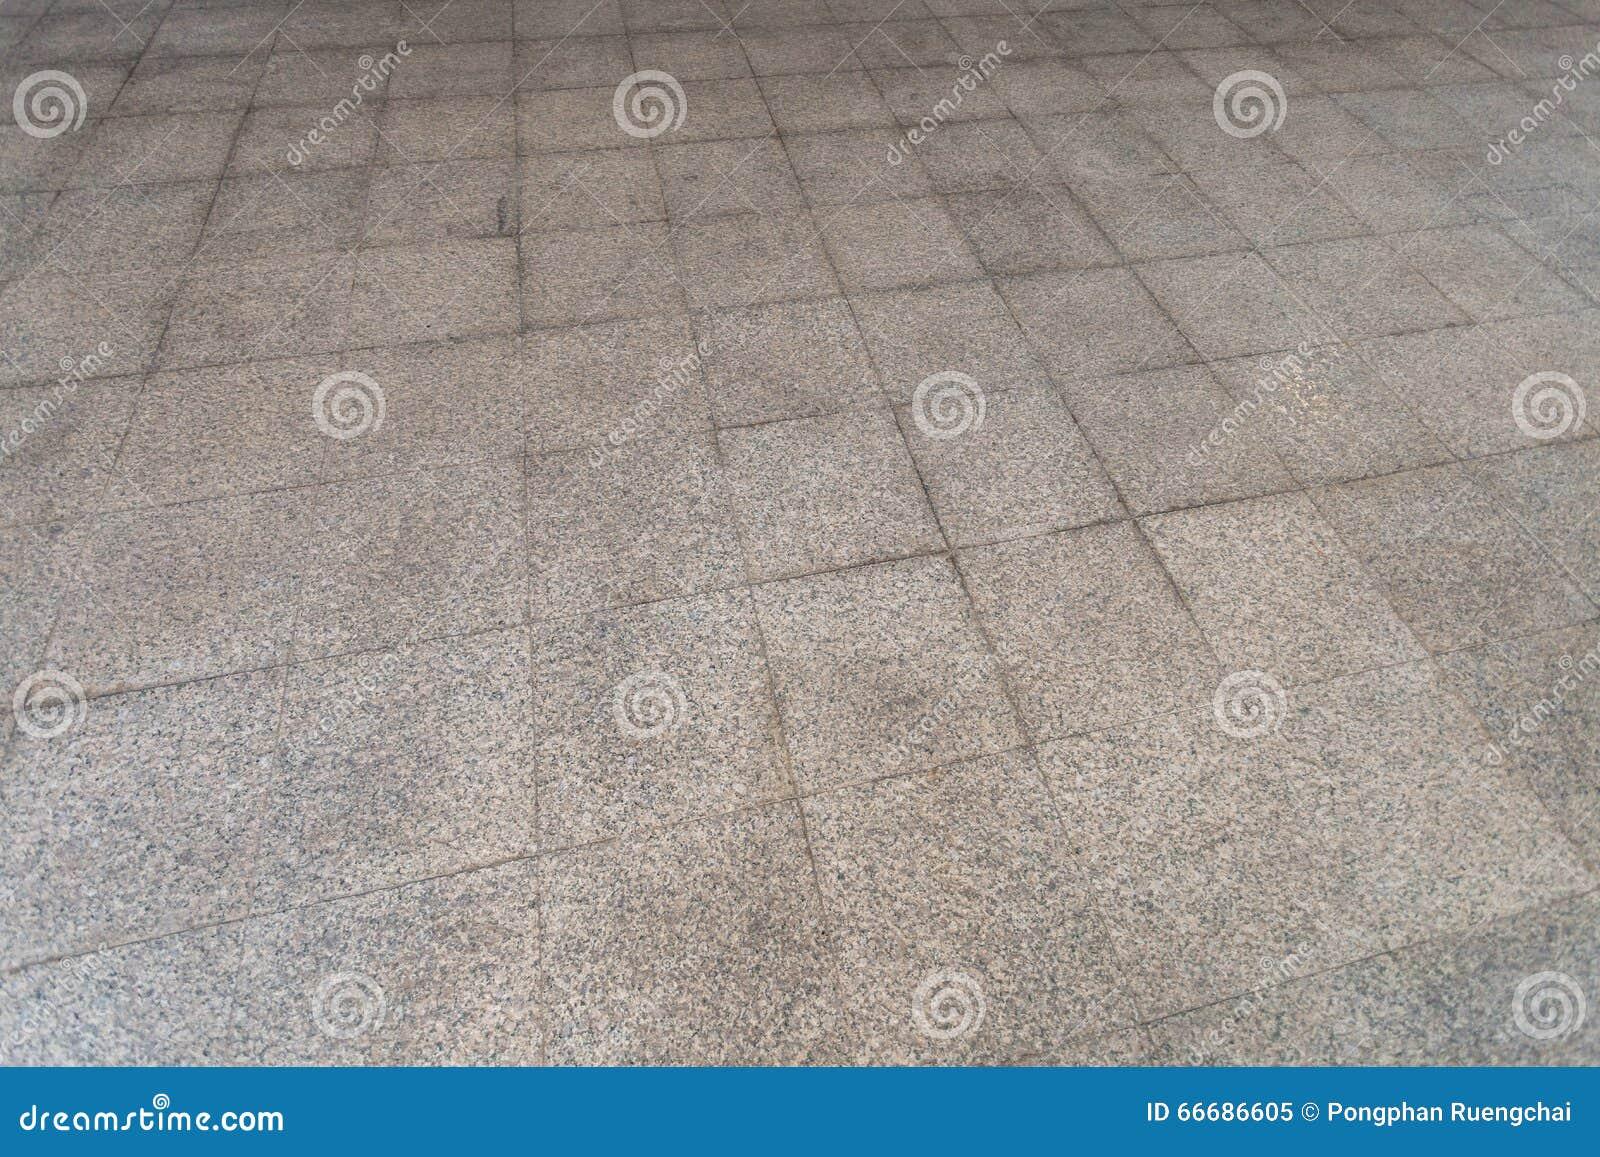 Fußboden Modern English ~ Granit fußboden stockbild bild von architektur modern